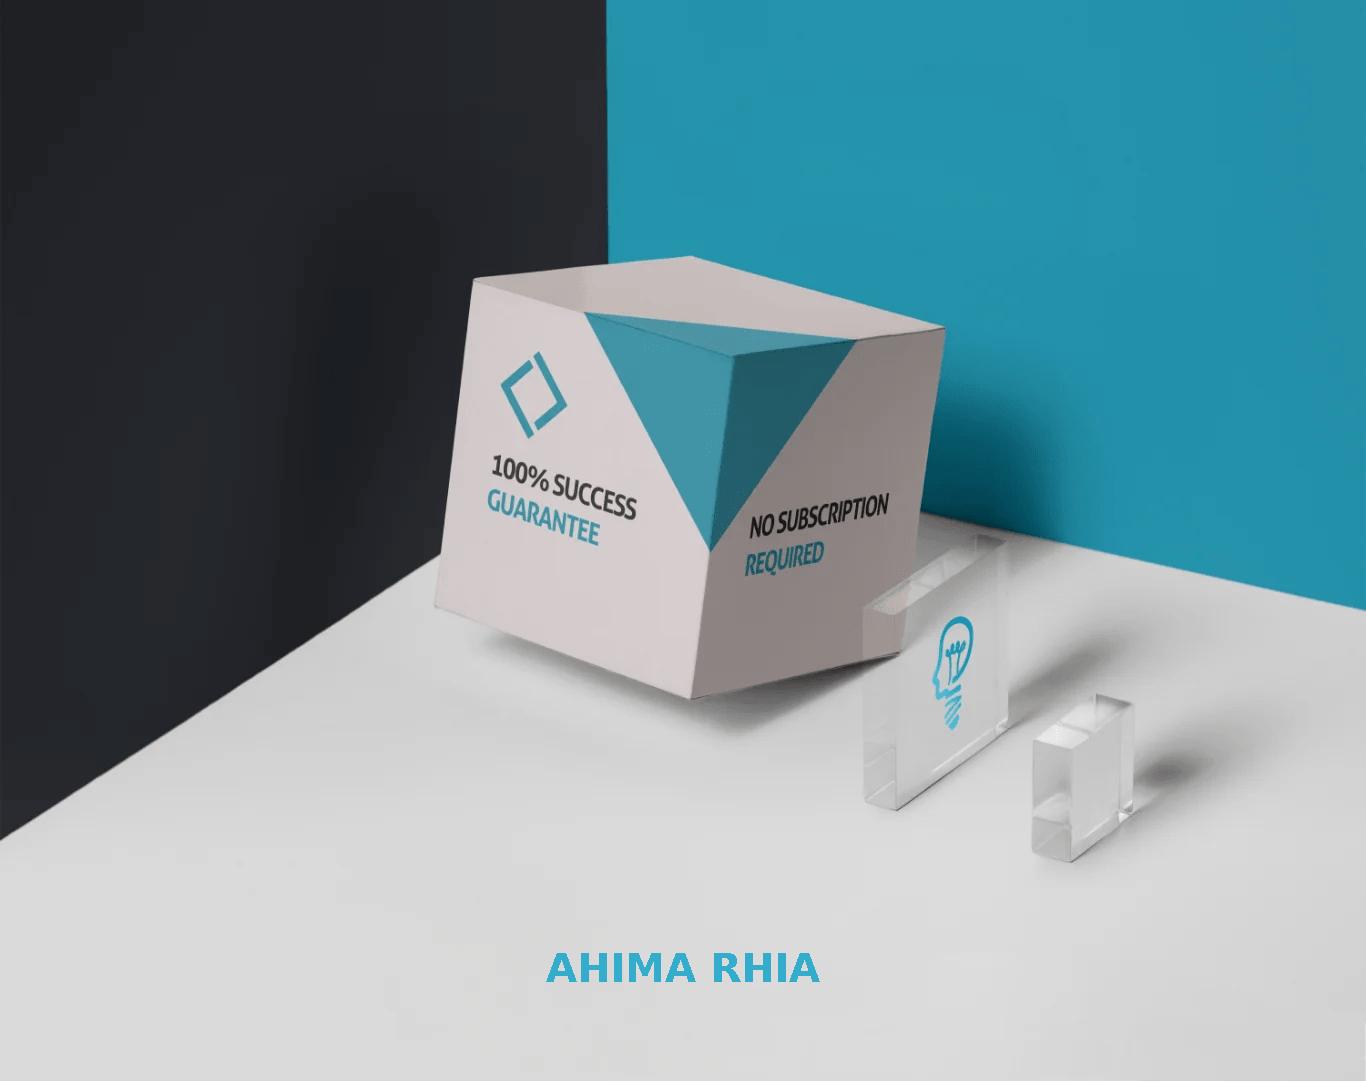 AHIMA RHIA Exams